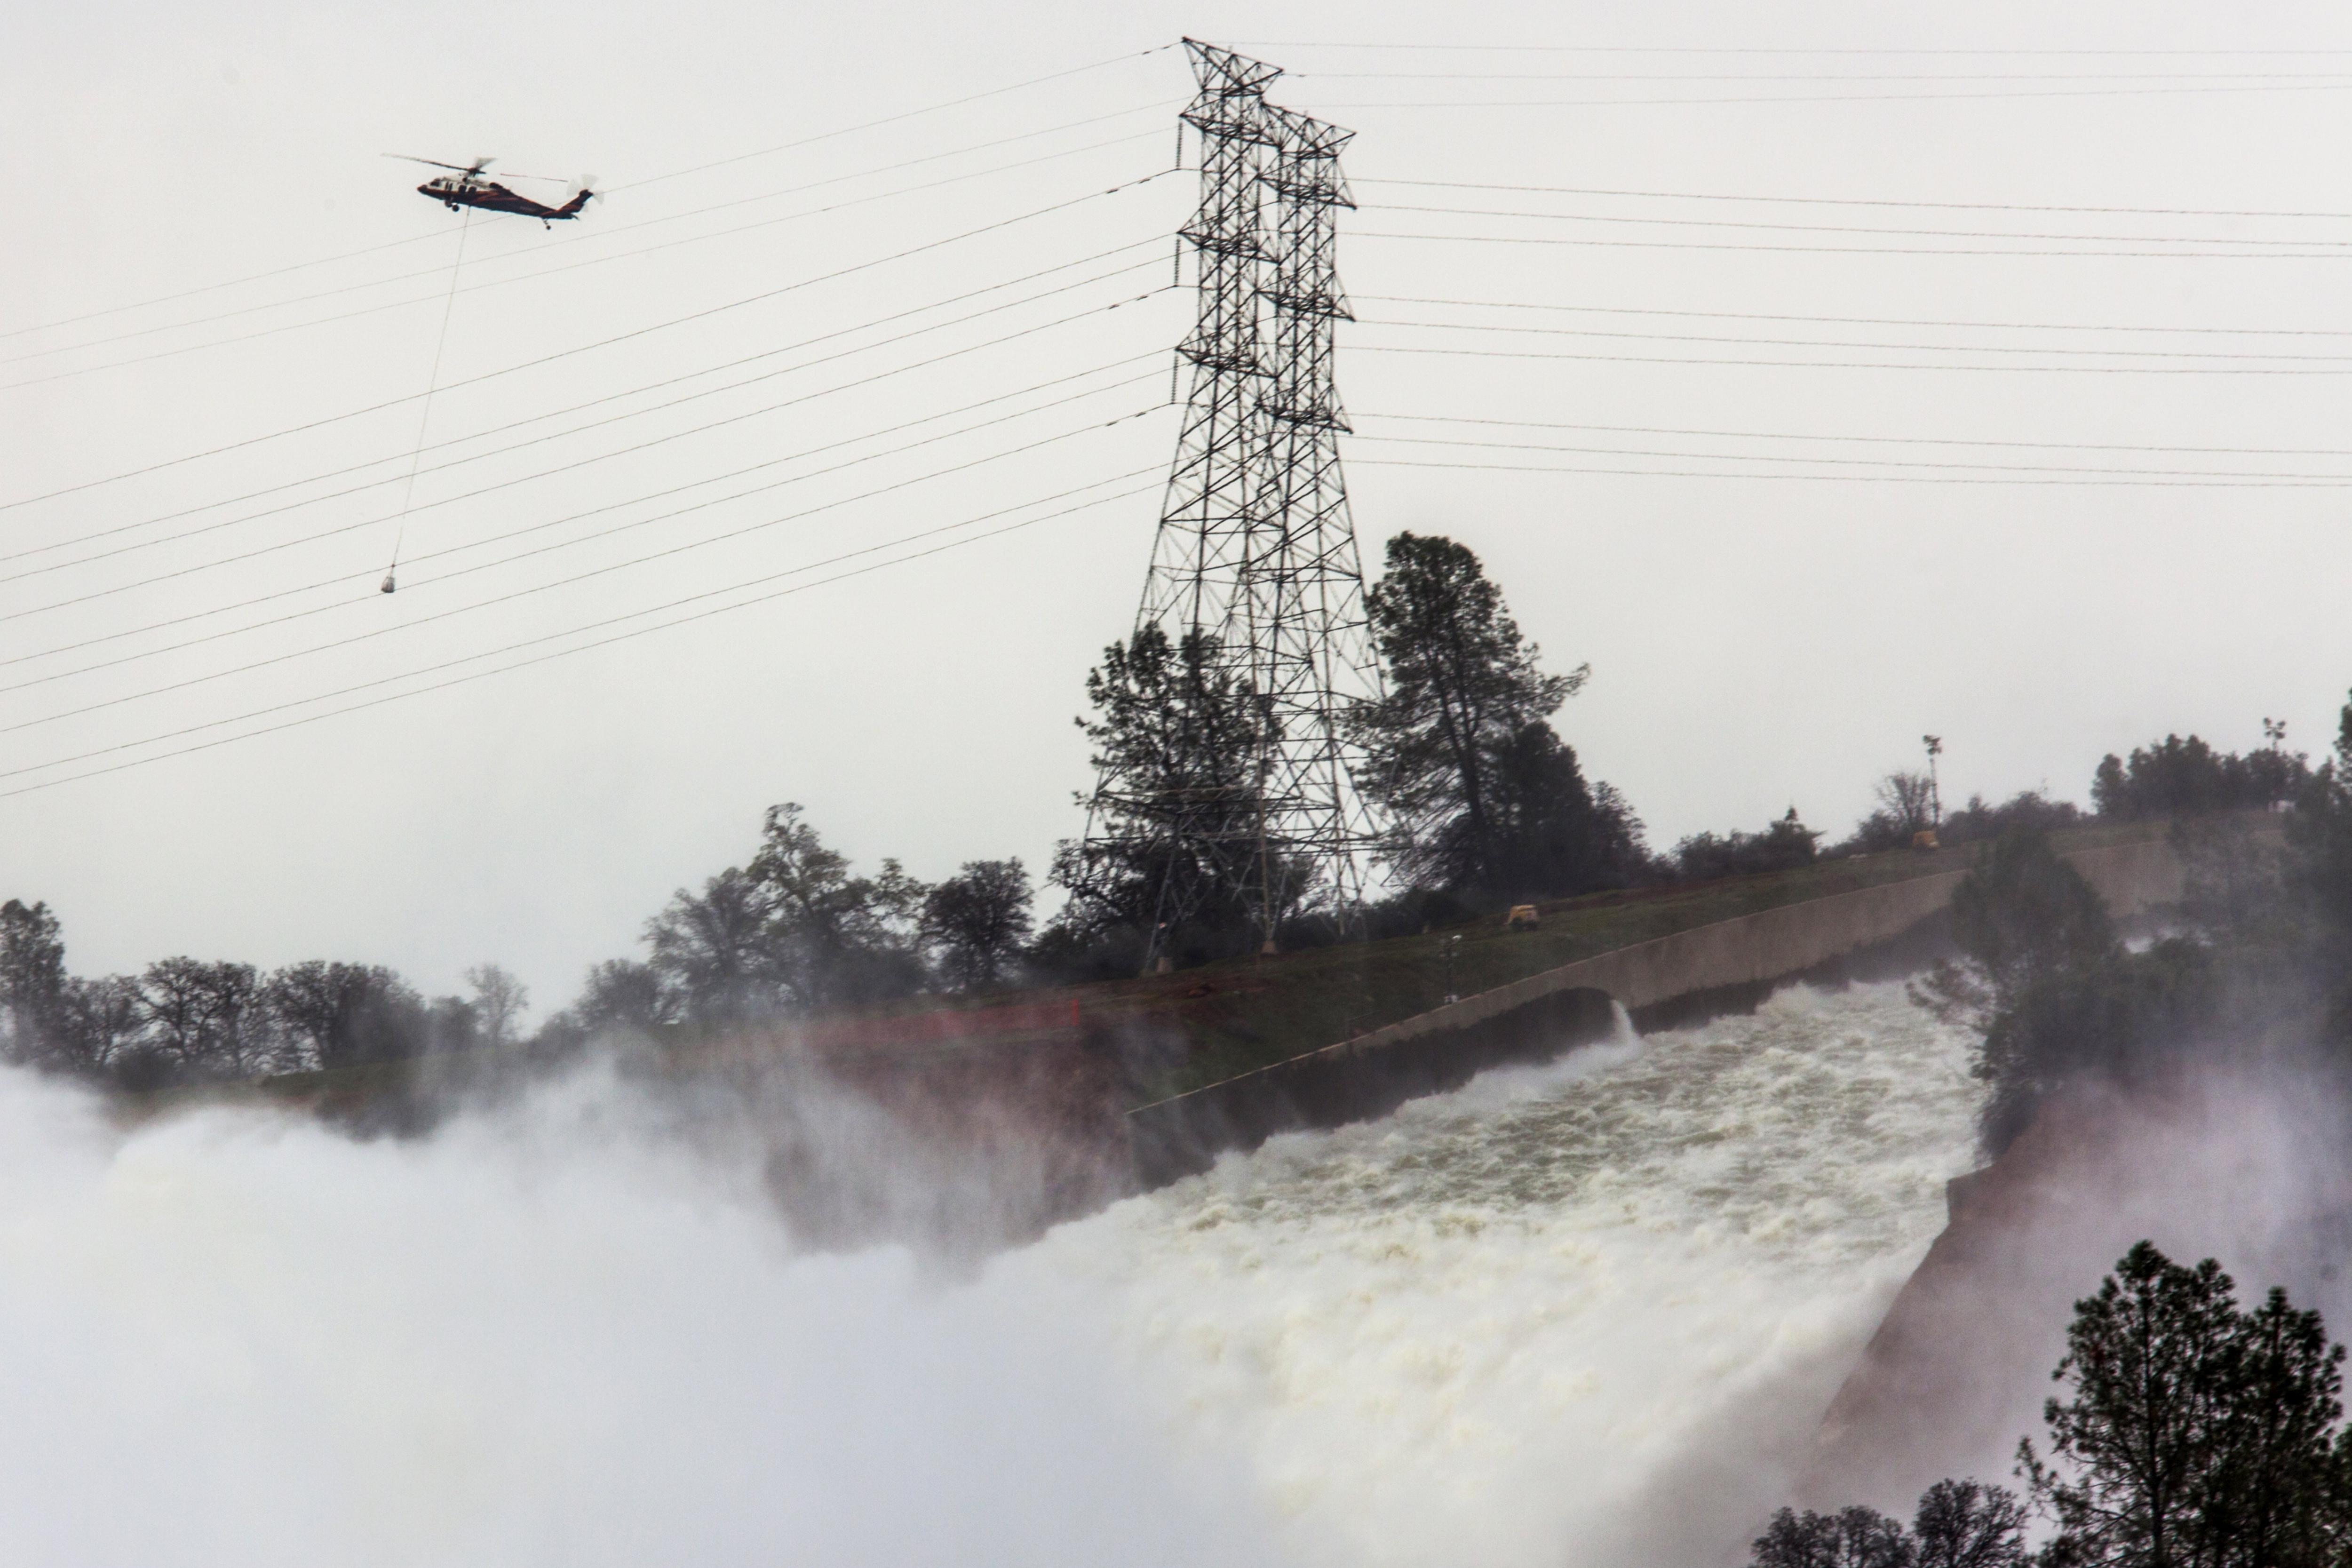 Agua siendo expulsada al ritmo de cientos de miles pies cúbicos desde le presa Oroville. (Foto: Departamento de Recursos Hídricos de California)